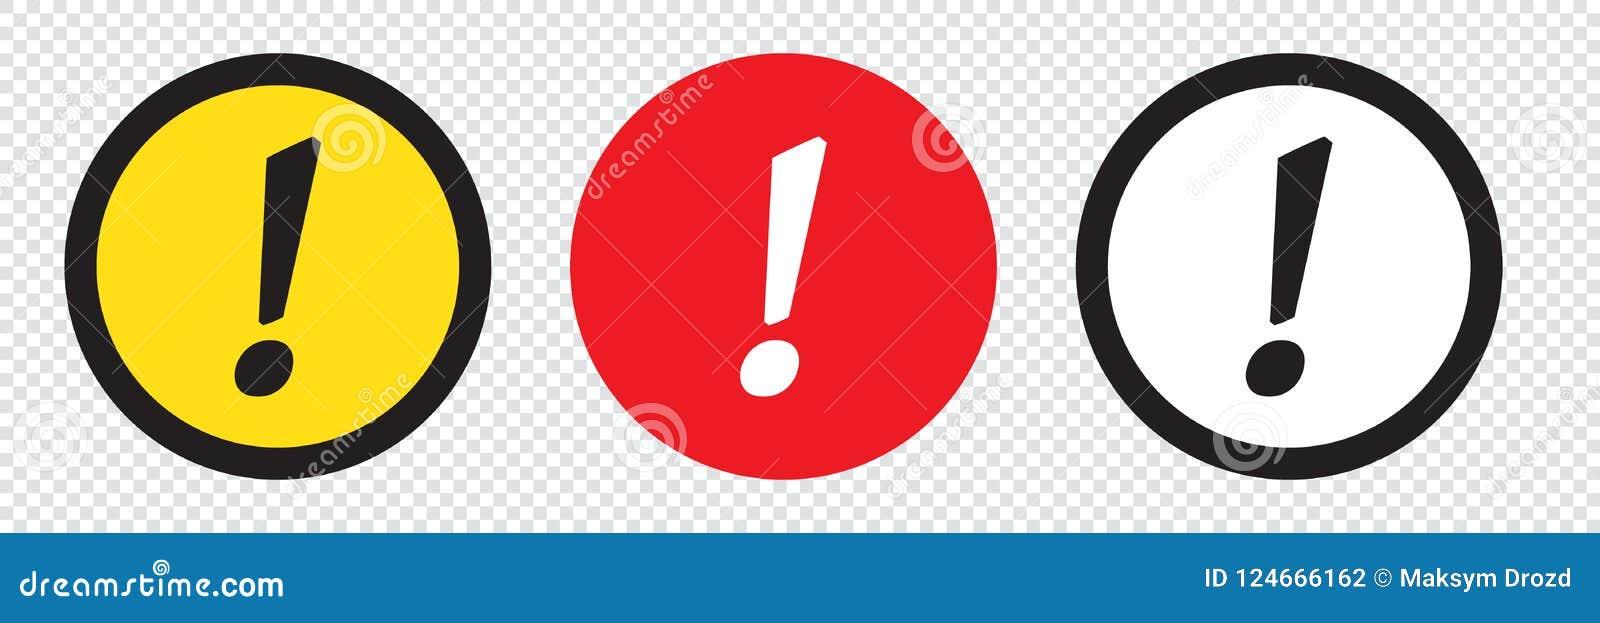 Комплект значков восклицательного знака